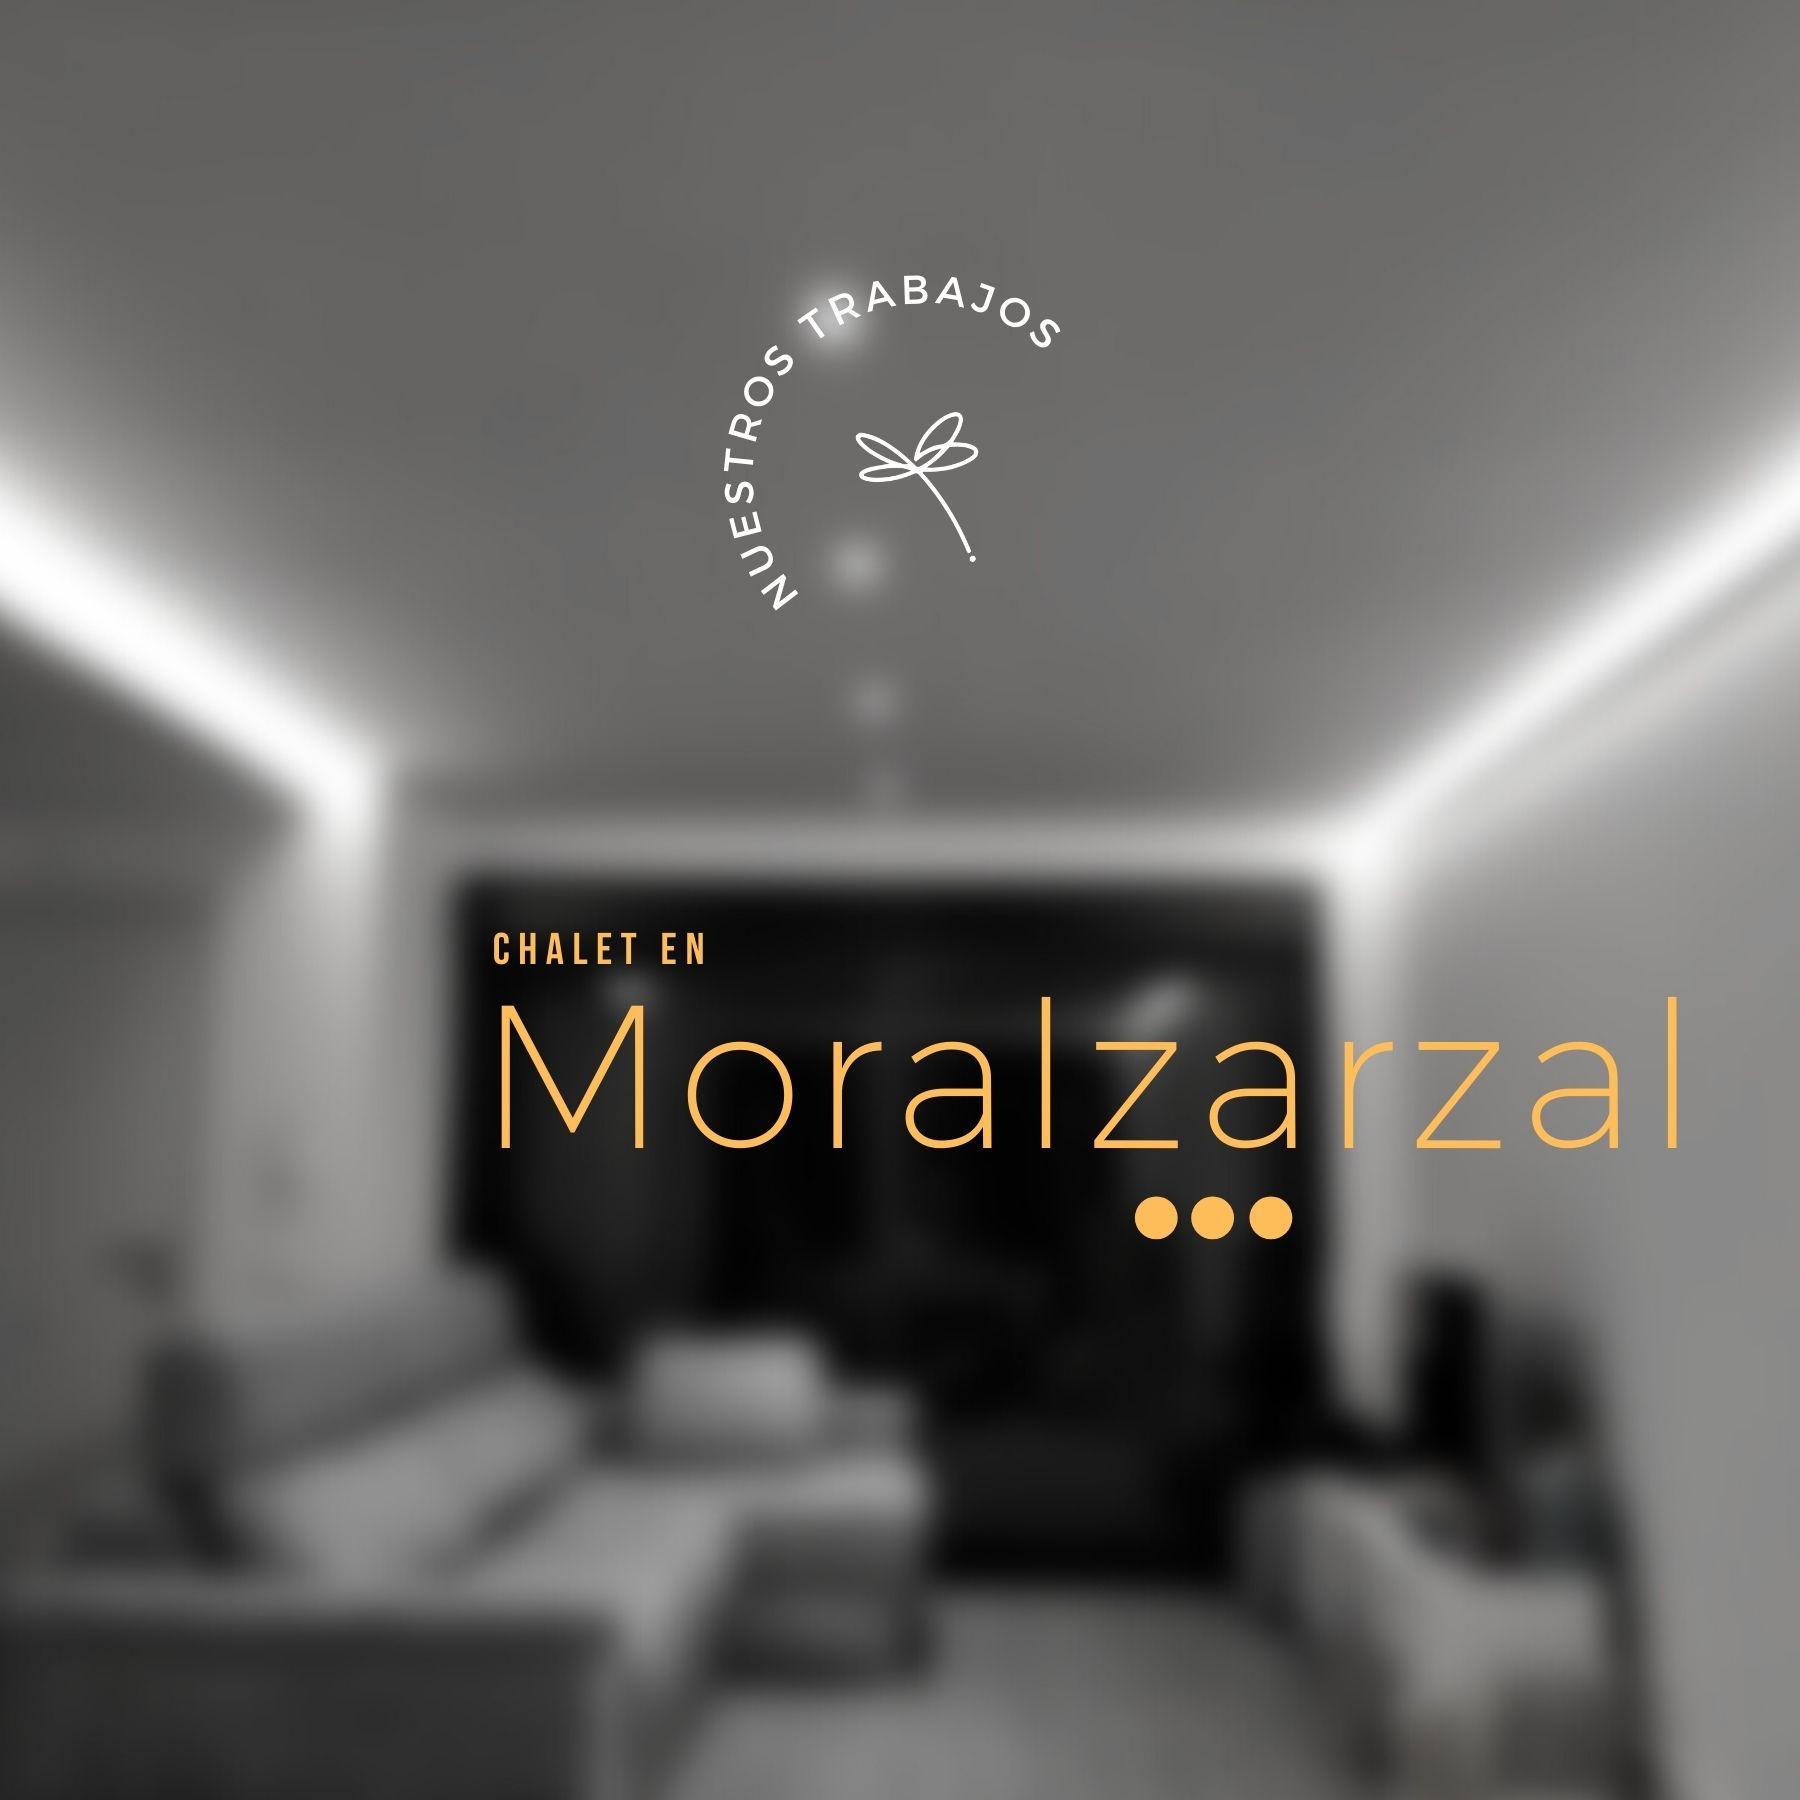 Chalet Moralzarzal